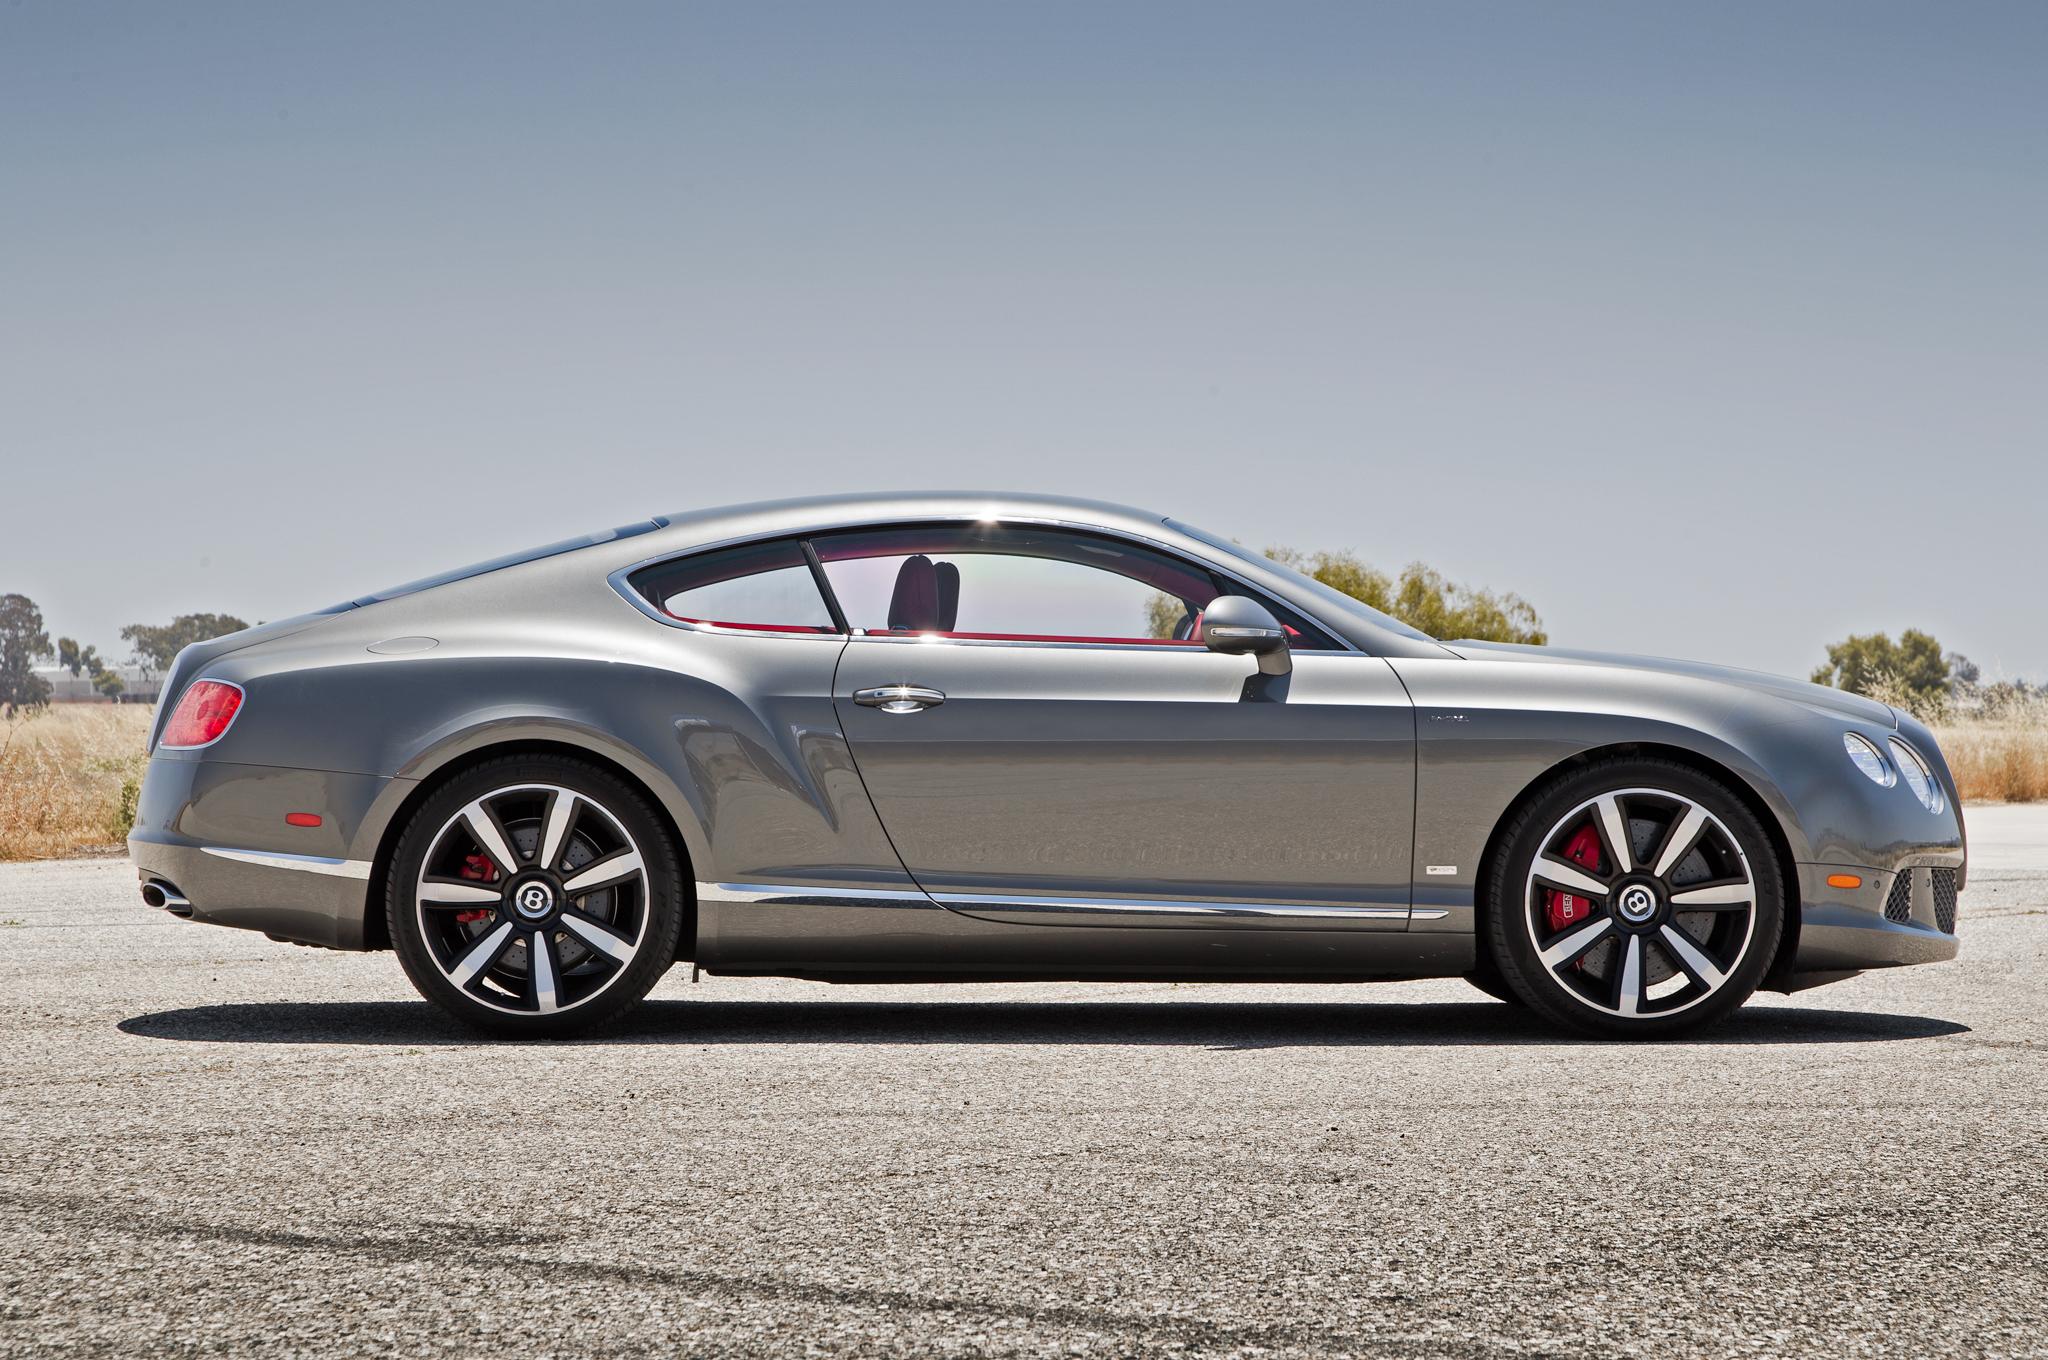 Bentley Continental Gt Speed Wallpapers Vehicles Hq Bentley Continental Gt Speed Pictures 4k Wallpapers 2019